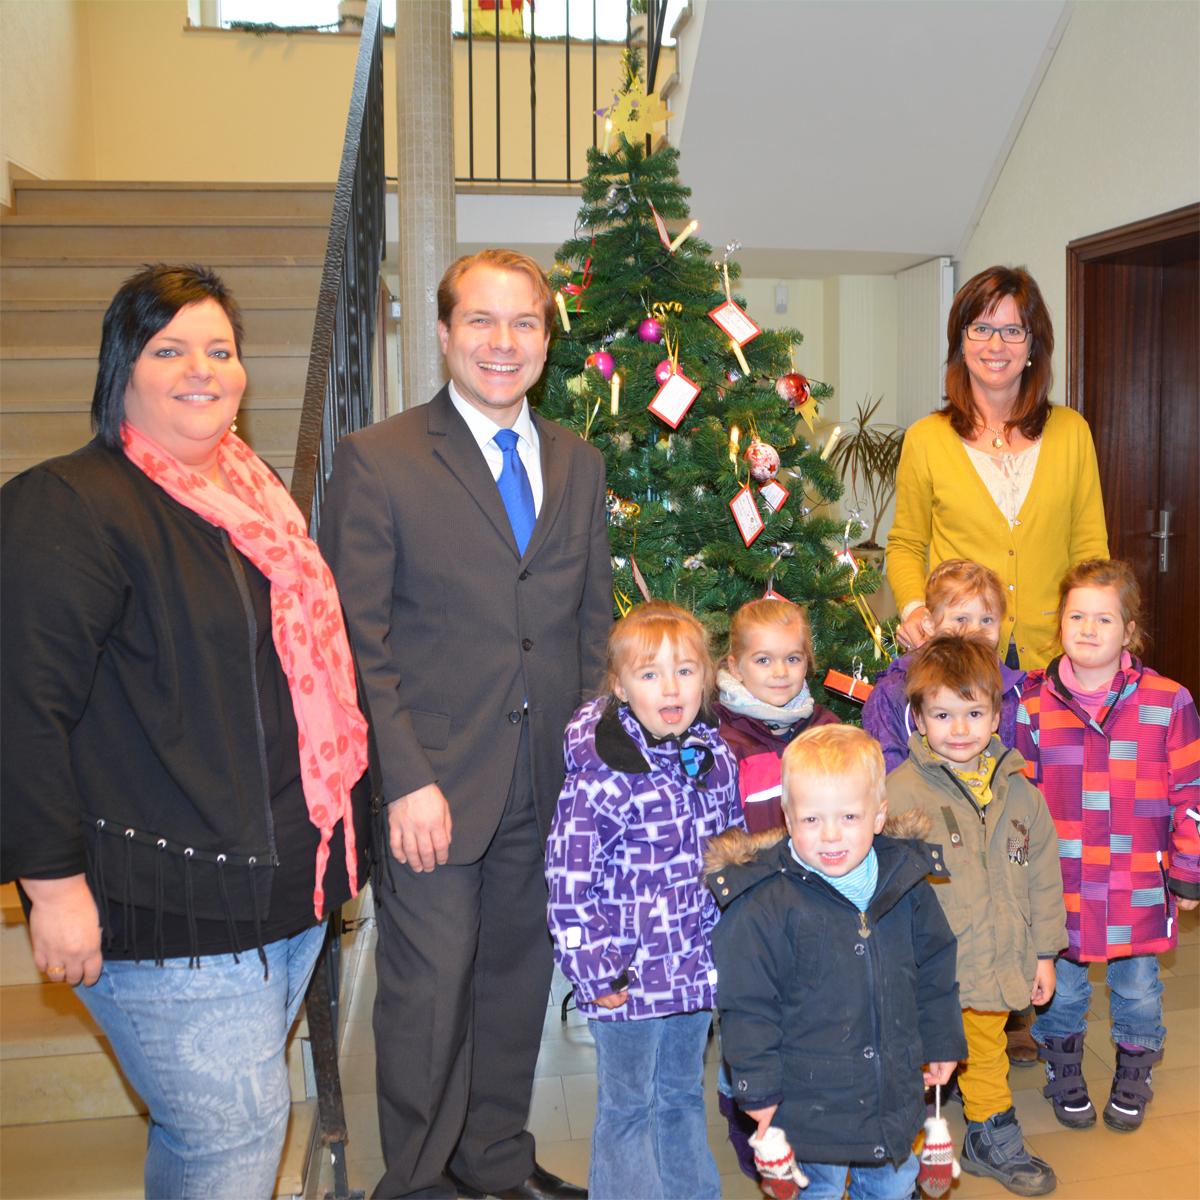 Kinder schmücken den Weihnachtsbaum im Rommerskirchener Rathaus